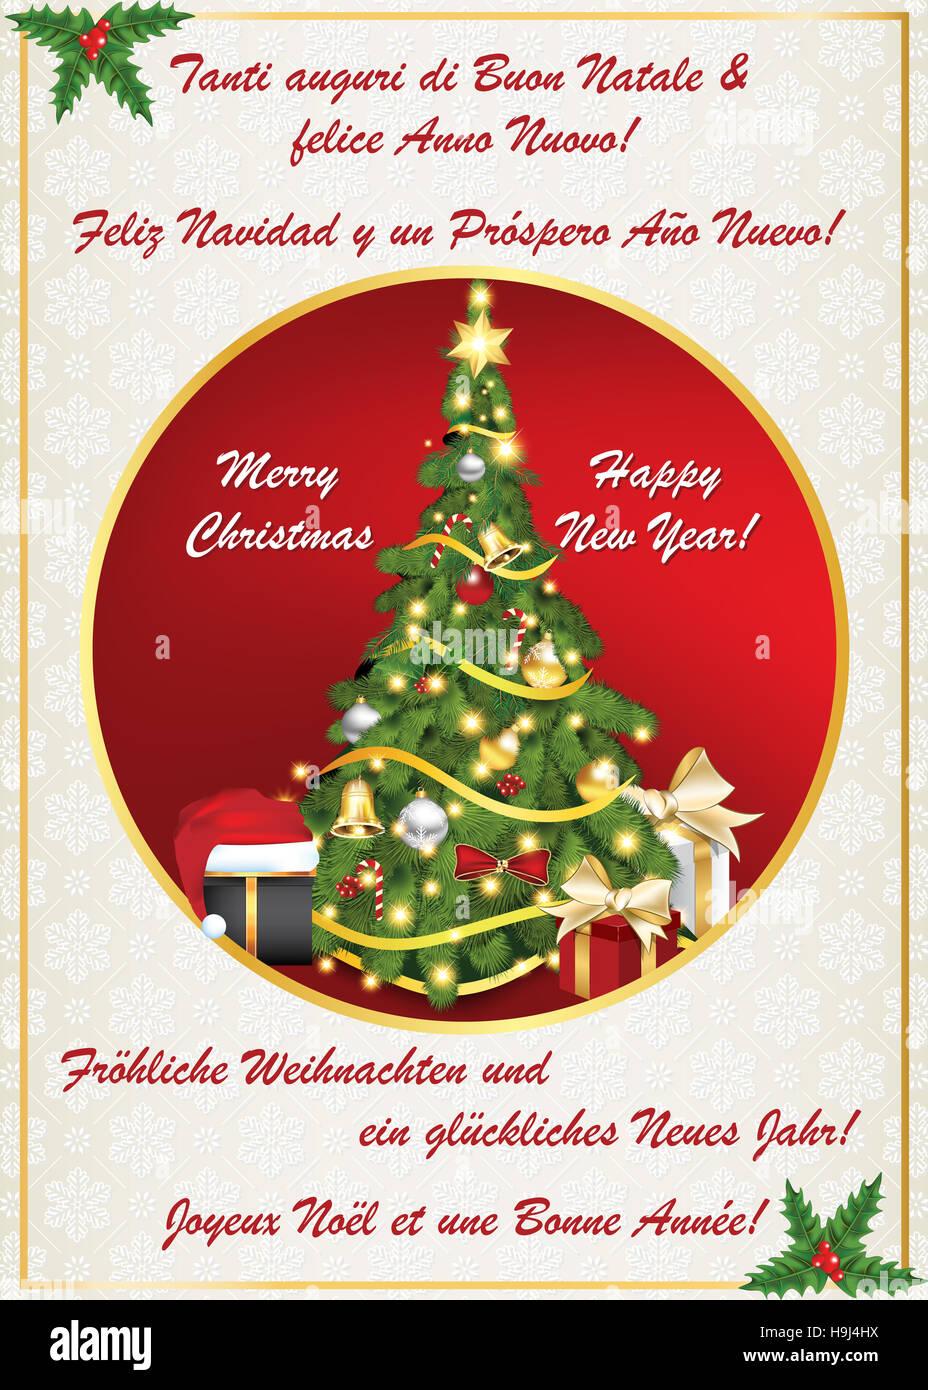 Auguri Di Buon Natale Francese.Biglietto Buon Natale In Francese Disegni Di Natale 2019